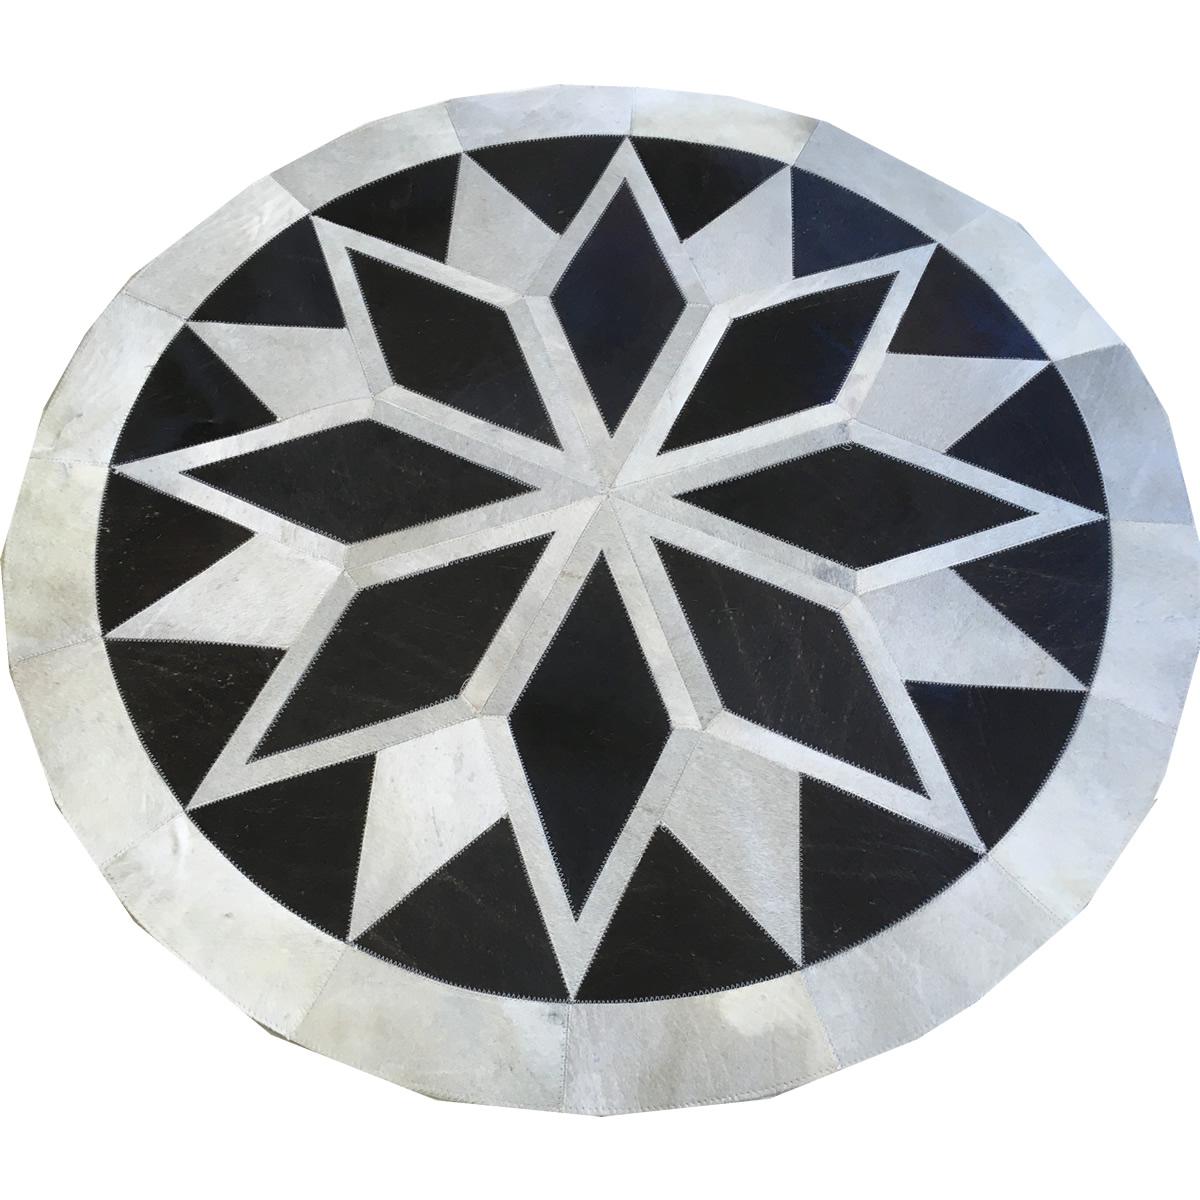 Tapete de couro redondo branco e preto 1,20 diâmetro